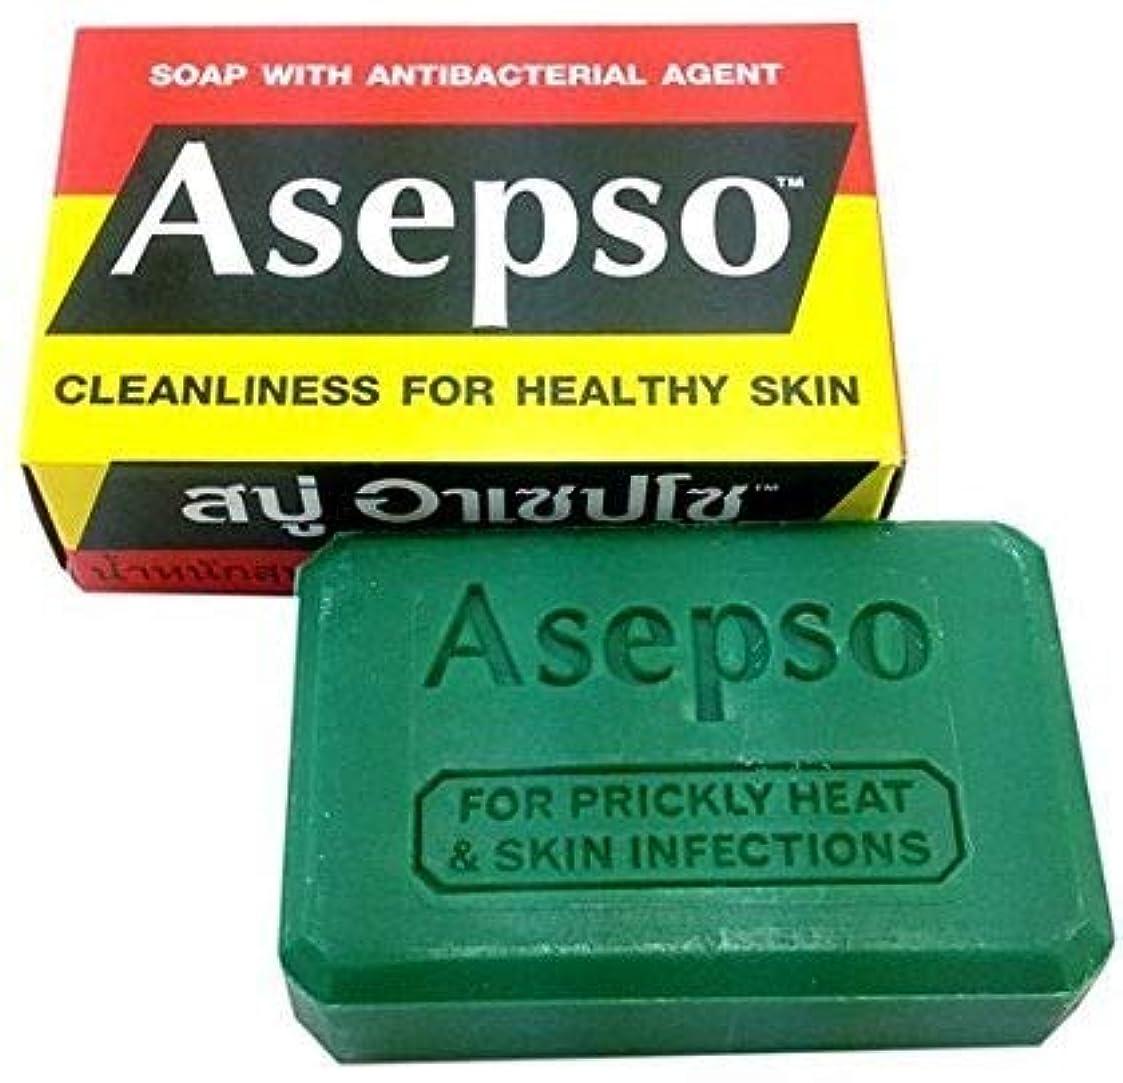 ブラケットリークあいさつNi Yom Thai shop Asepso Soap with Antibacterial Agent 80 Grams